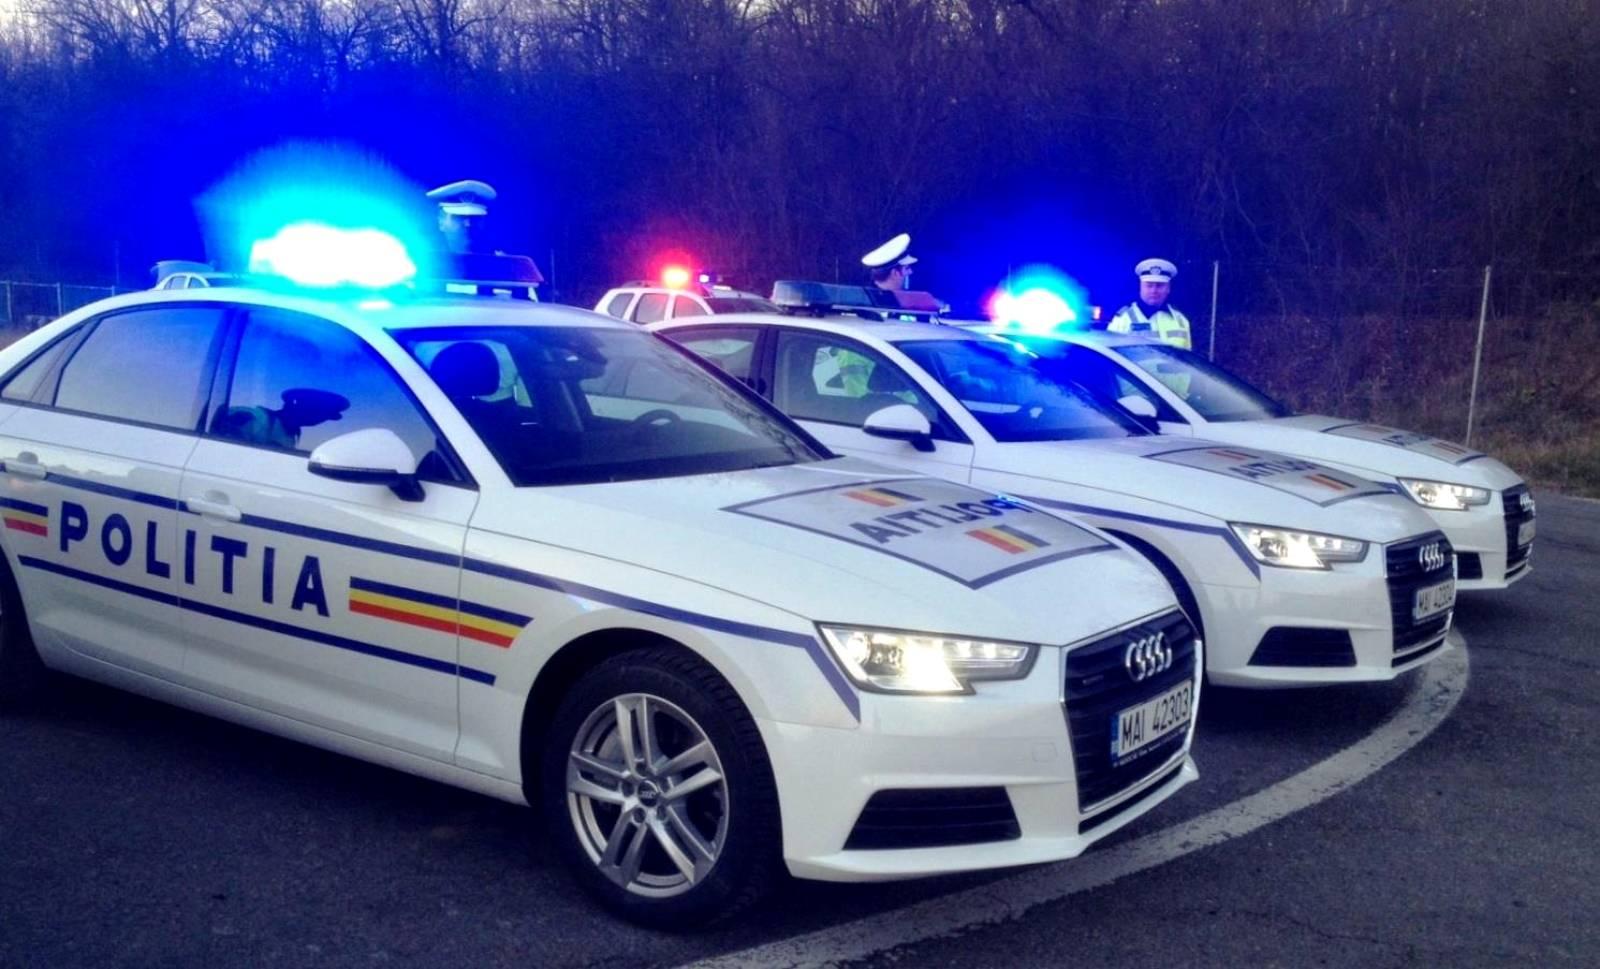 Poliția cere ajutorul oamenilor după dispariția unei femei în București